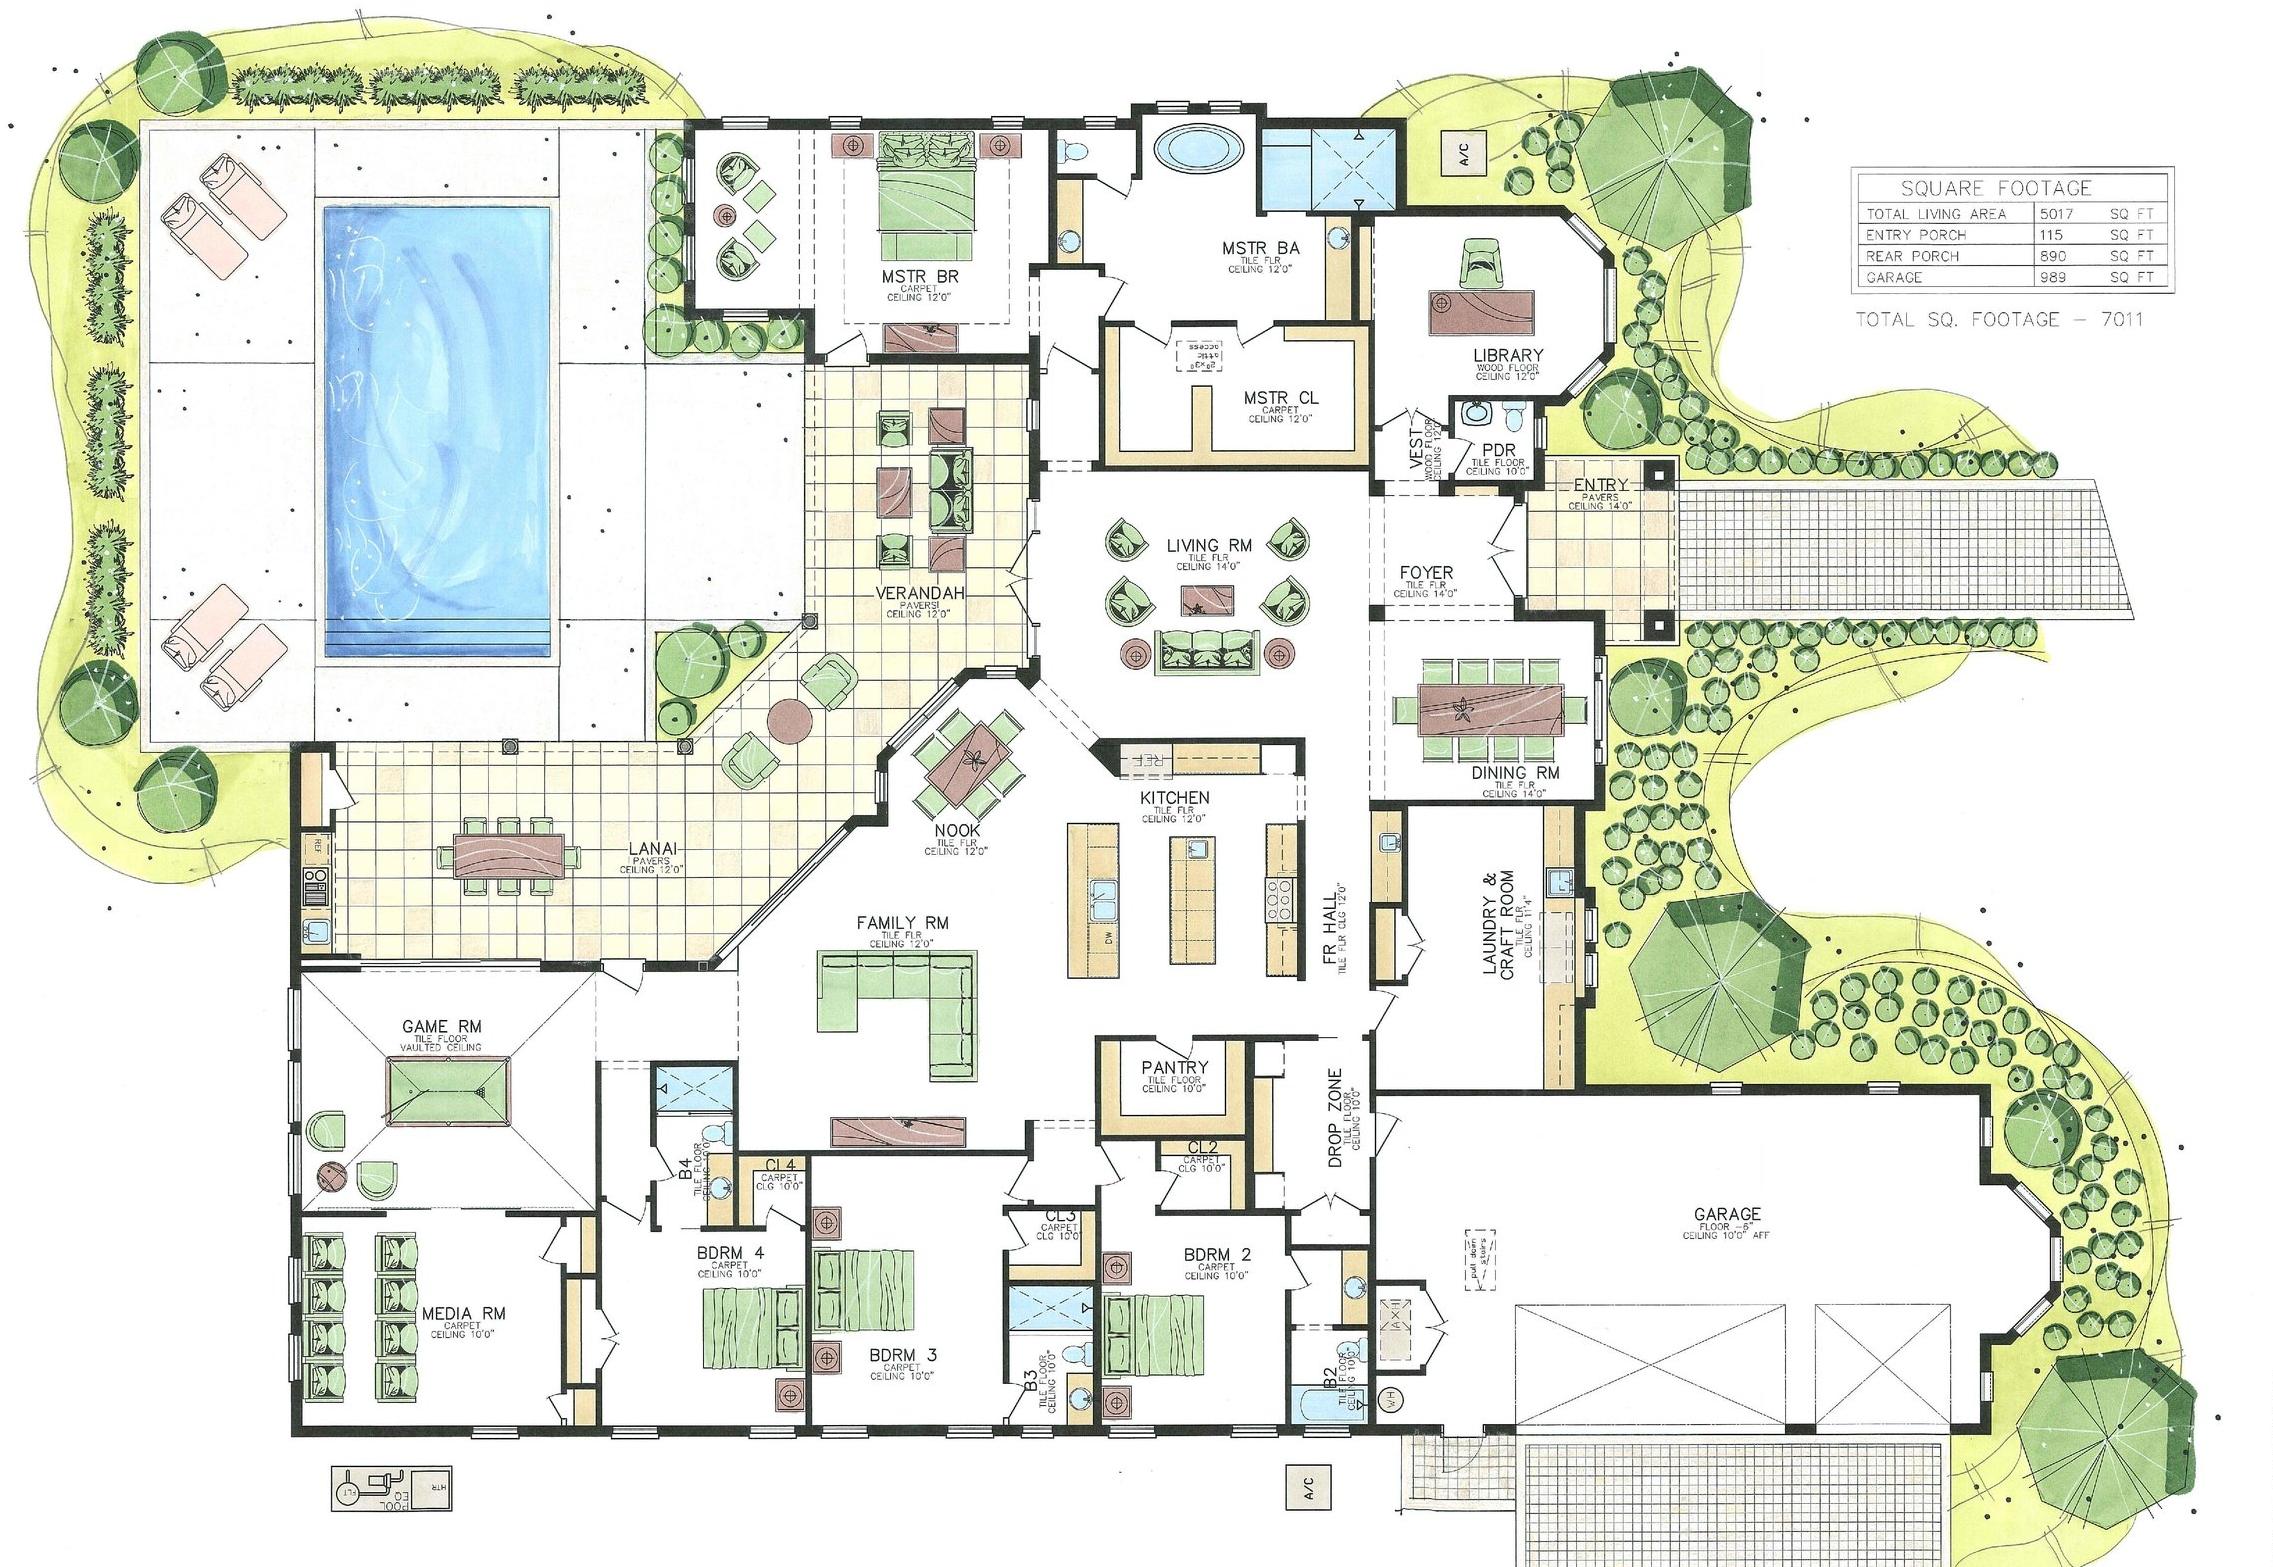 Lot 156 Floorplan